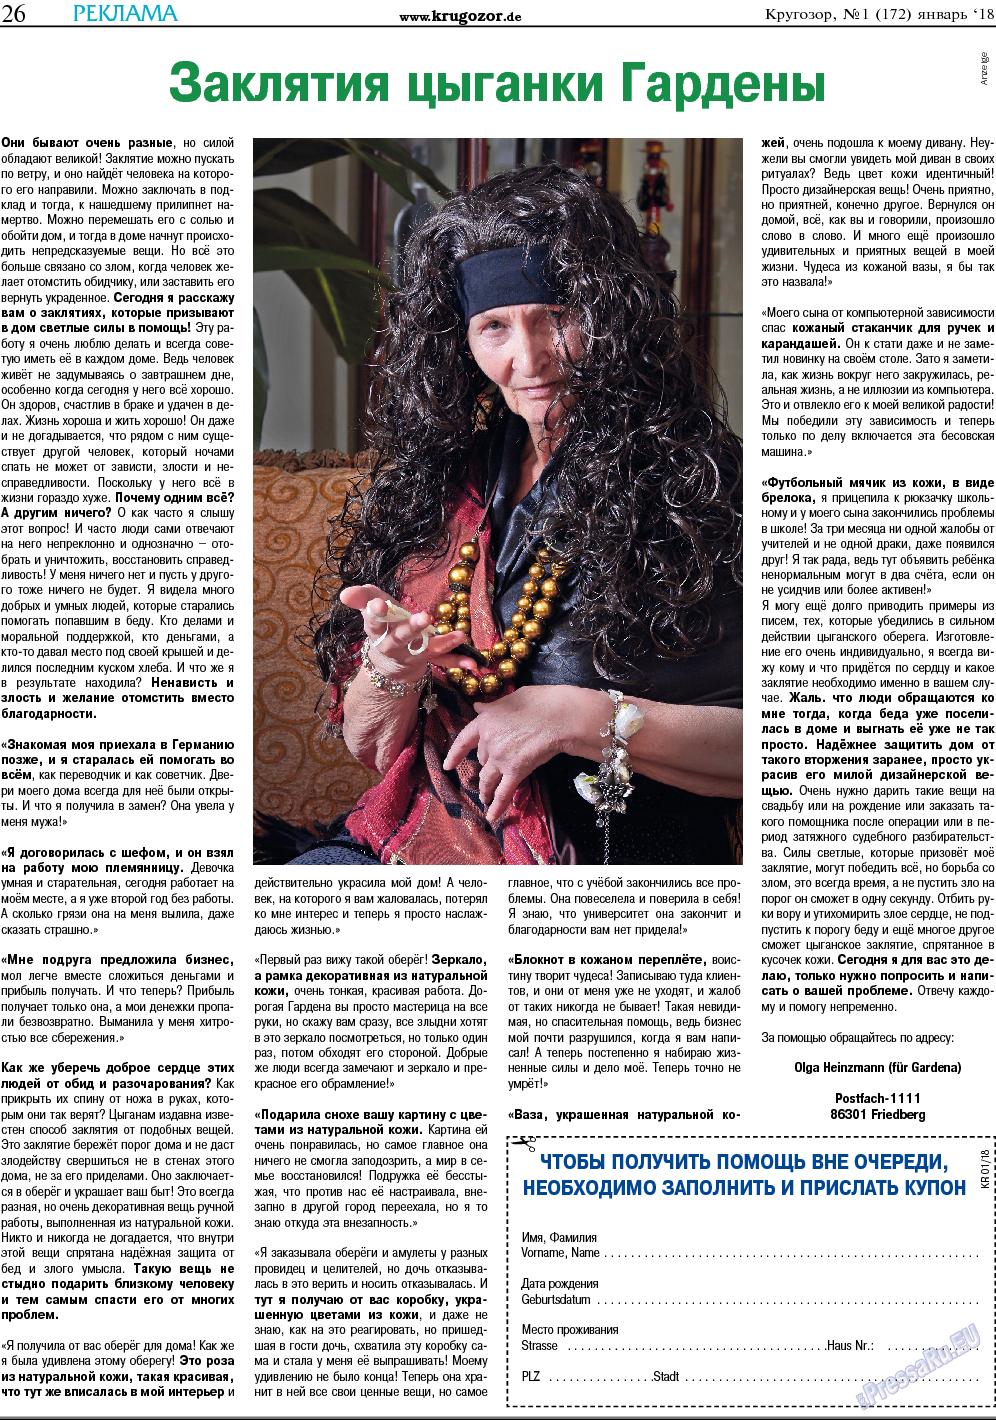 Кругозор (газета). 2018 год, номер 1, стр. 26